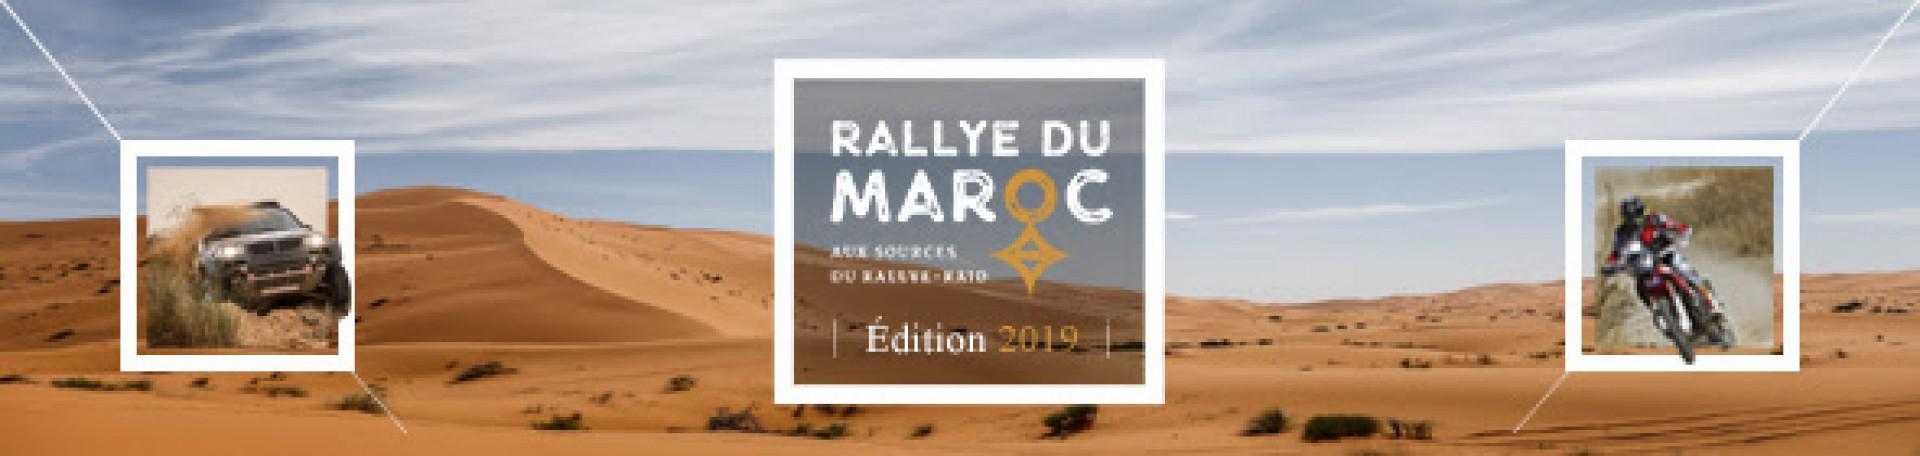 RALLY DU MAROC 2019 : UN BIVOUAC POUR UN RETOUR AUX SOURCES !